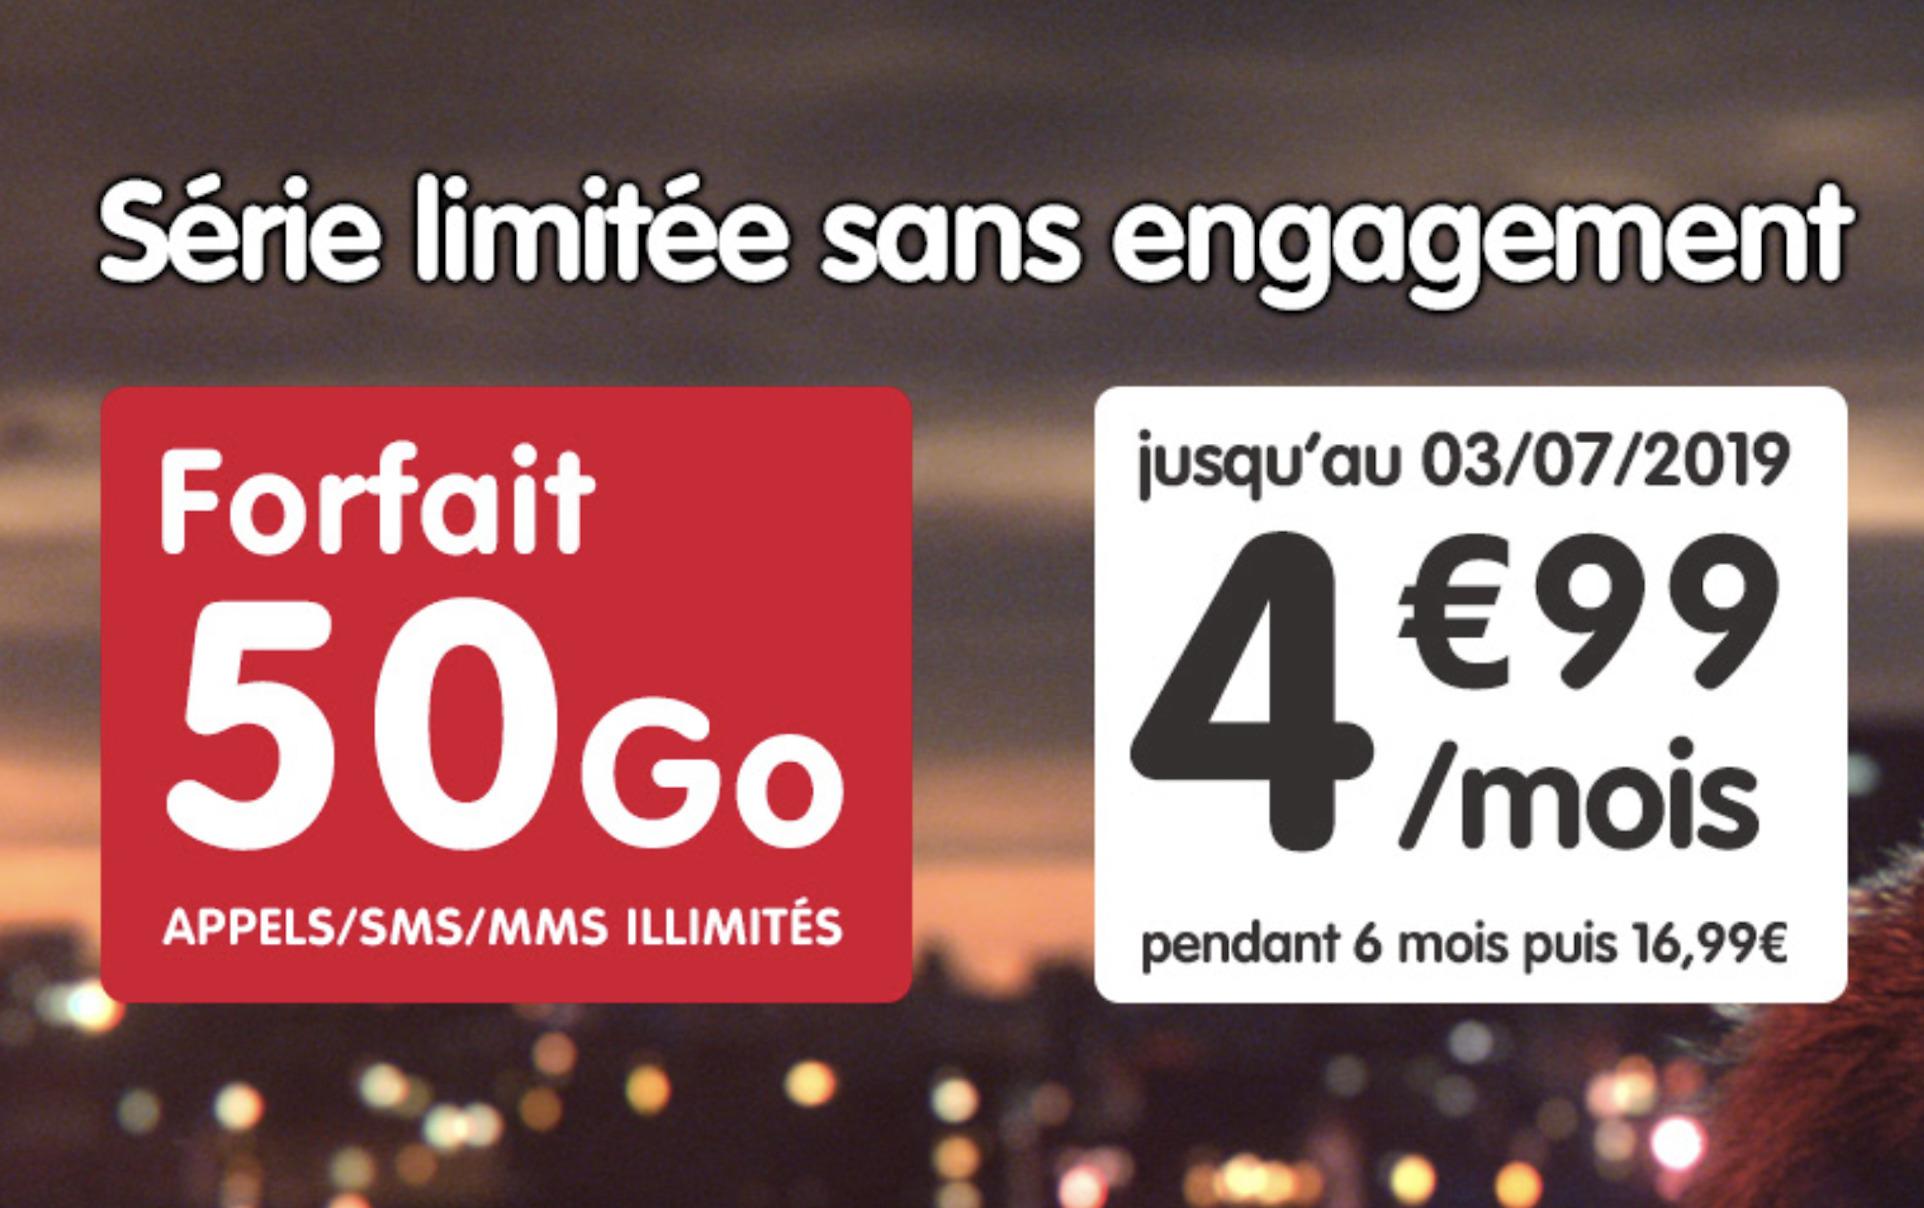 🔥 Bon plan : NRJ mobile relance le forfait 50 Go à 4,99 euros pendant 6 mois